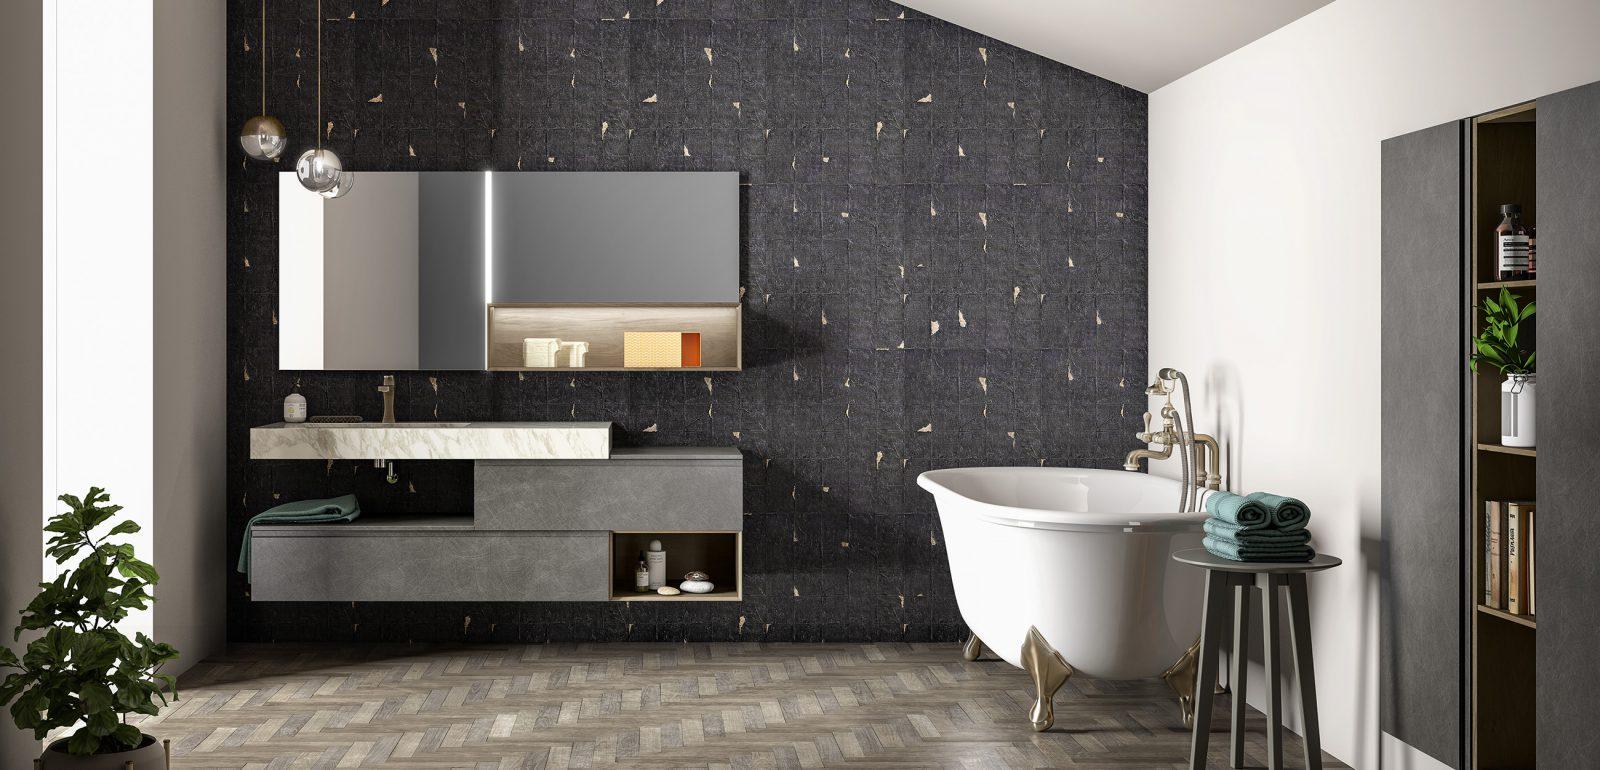 Arredo bagno treviso e provincia mobili di design per il - Arredo bagno piacenza e provincia ...